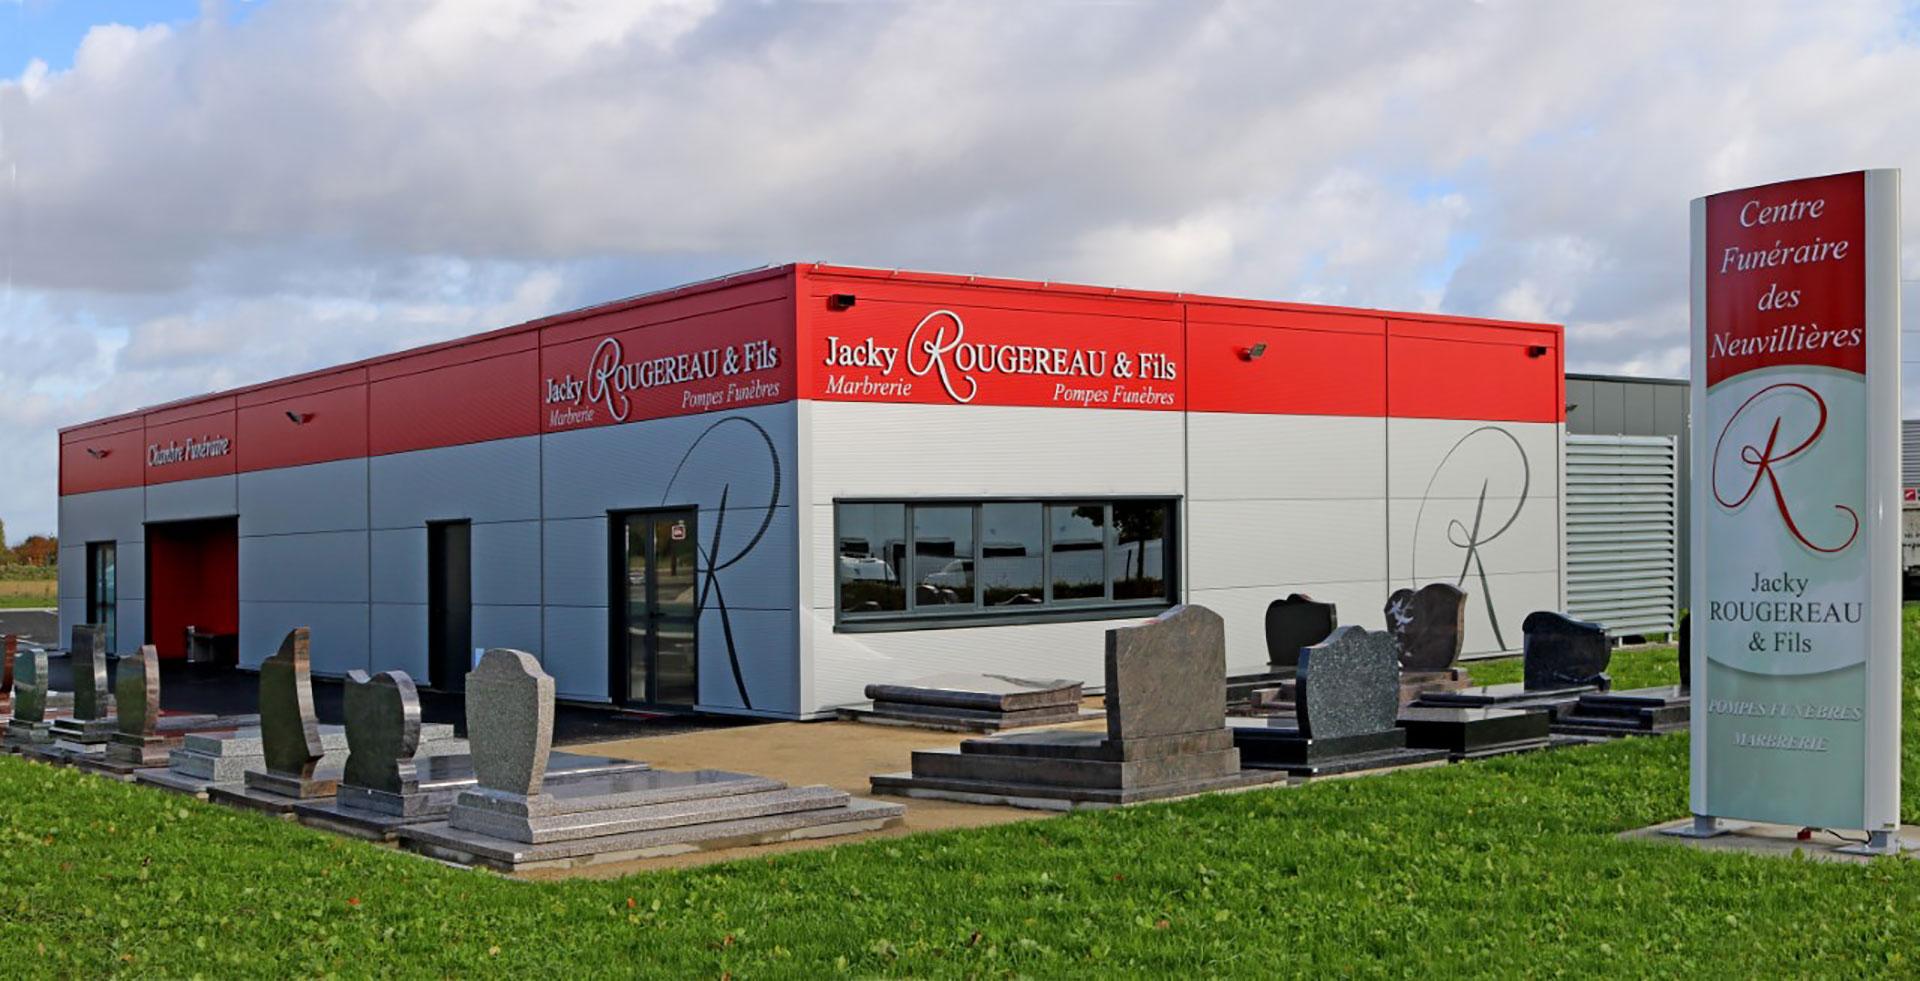 centre funéraire jacky rougereau